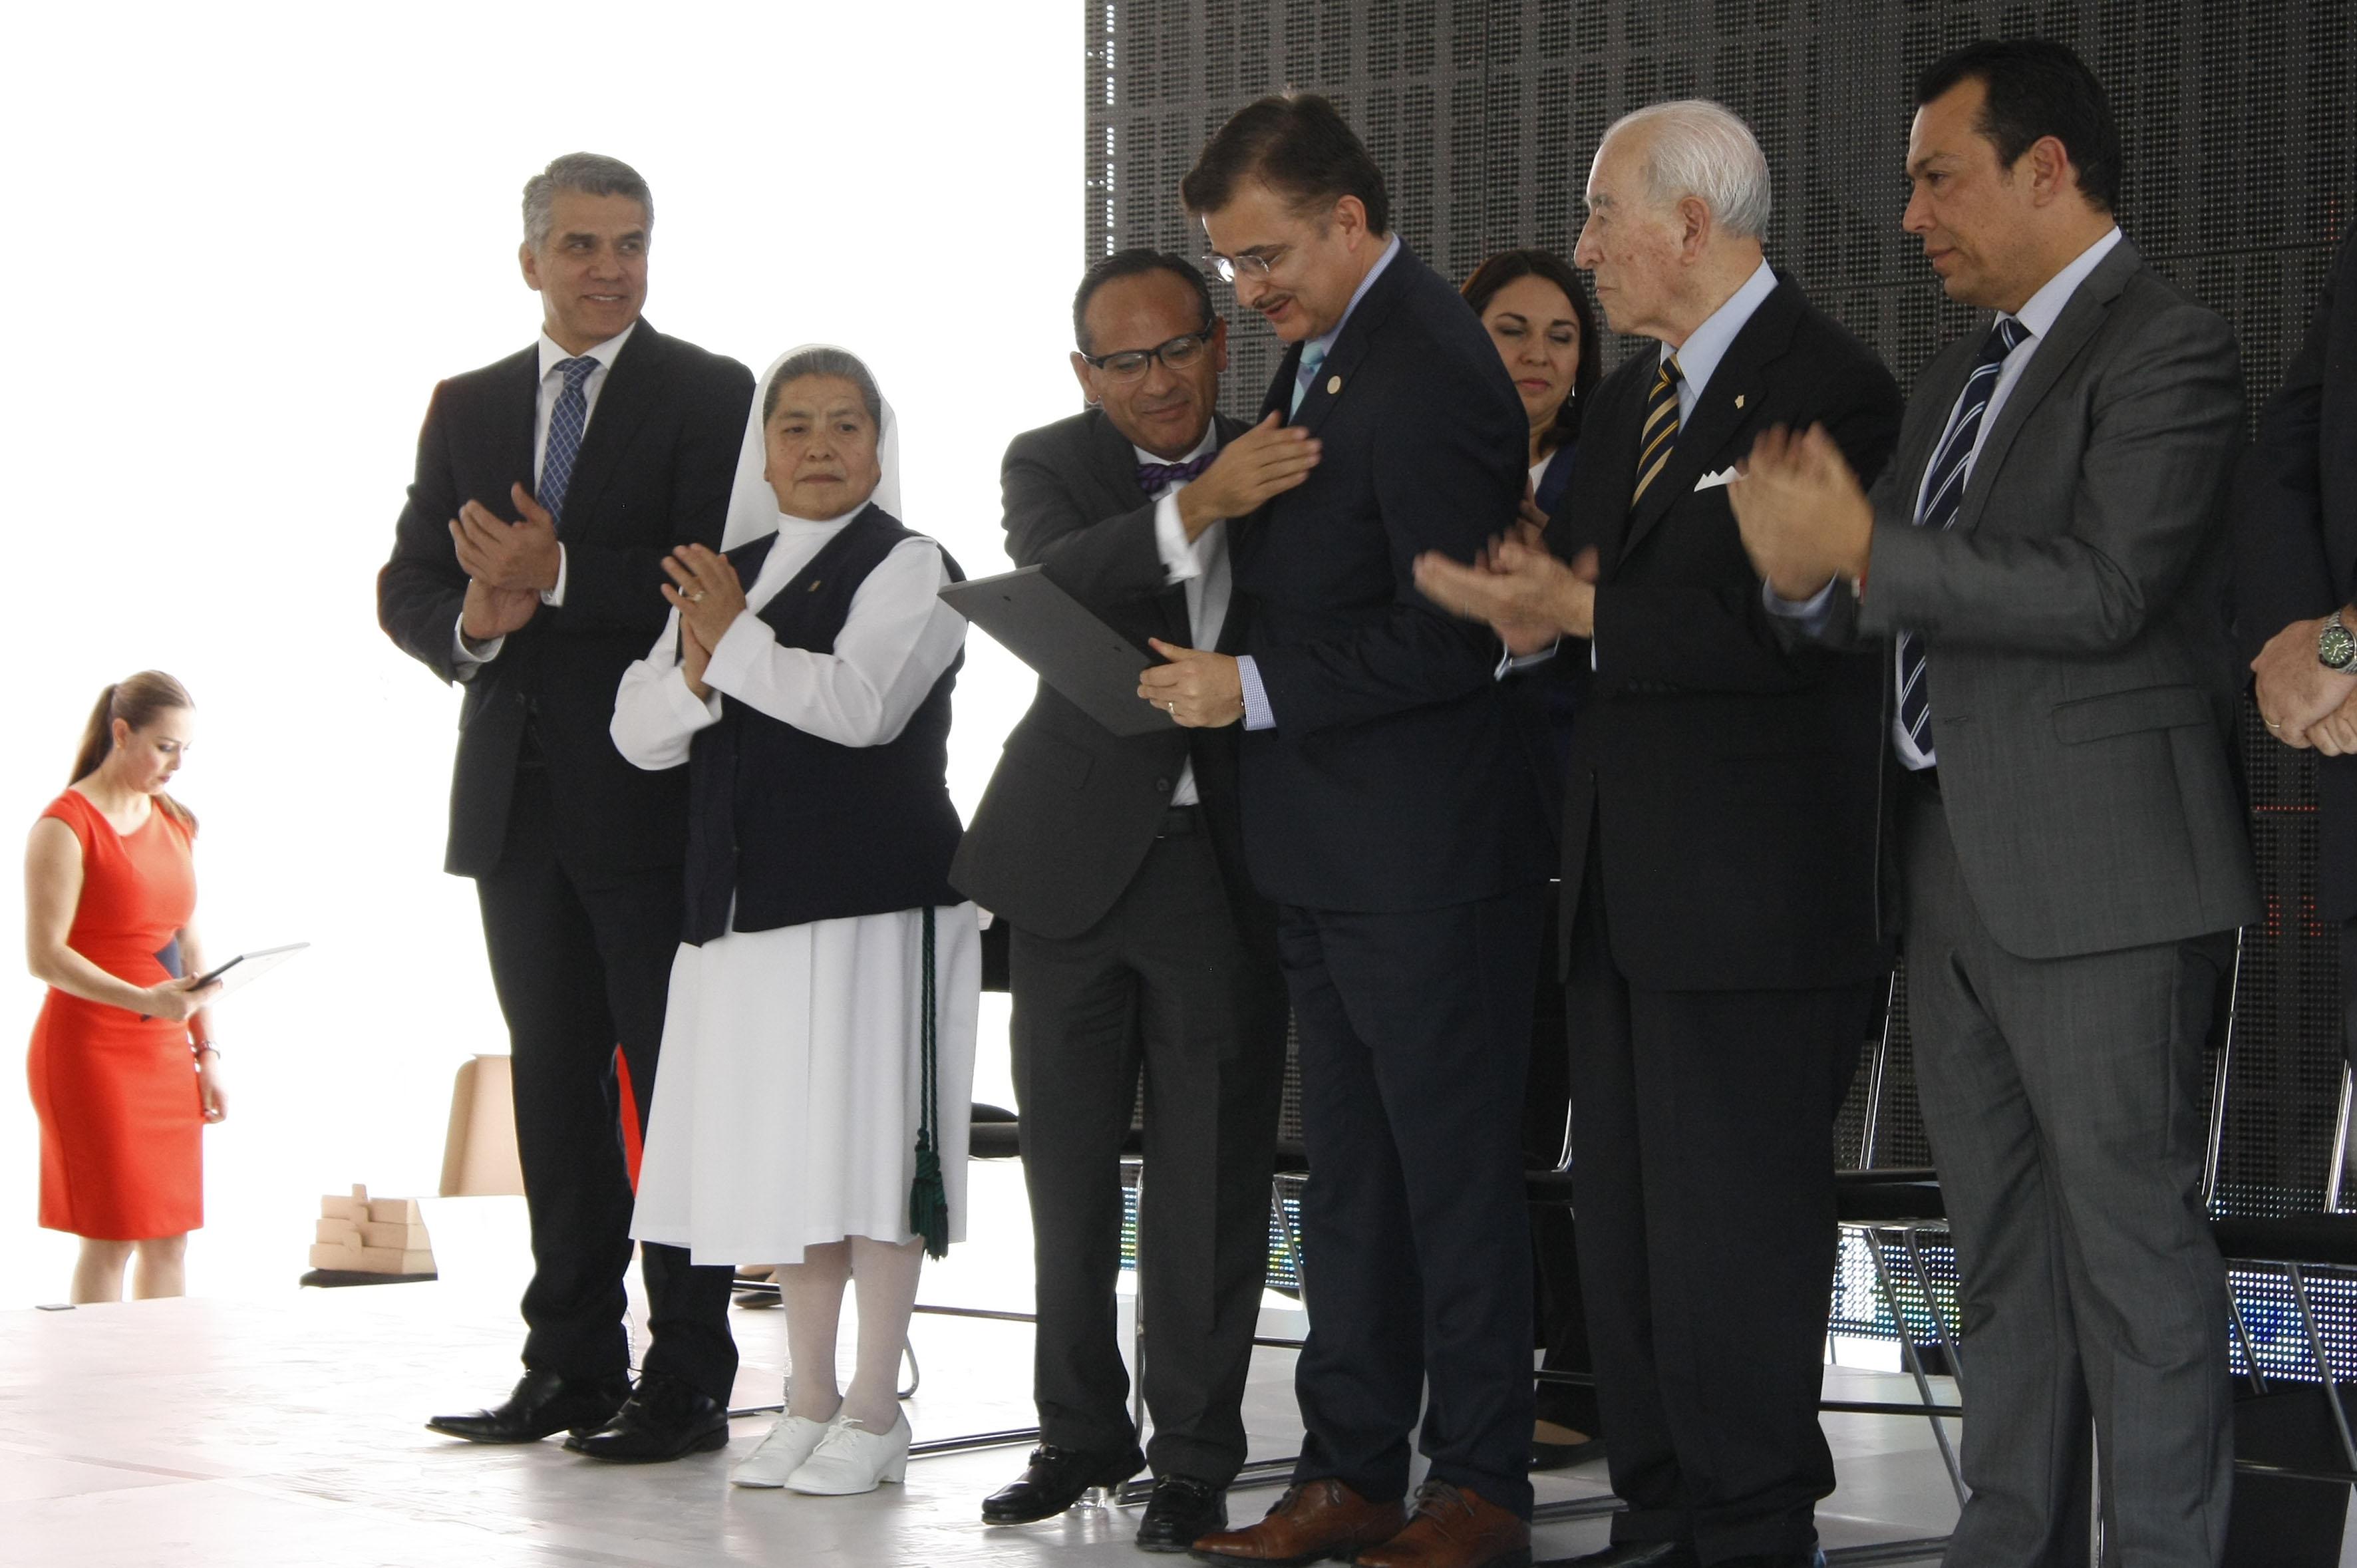 Ceremonia de reconocimiento para el OPD Hospitales Civiles de Guadalajara, por sus 20 años de atención y formación médica.